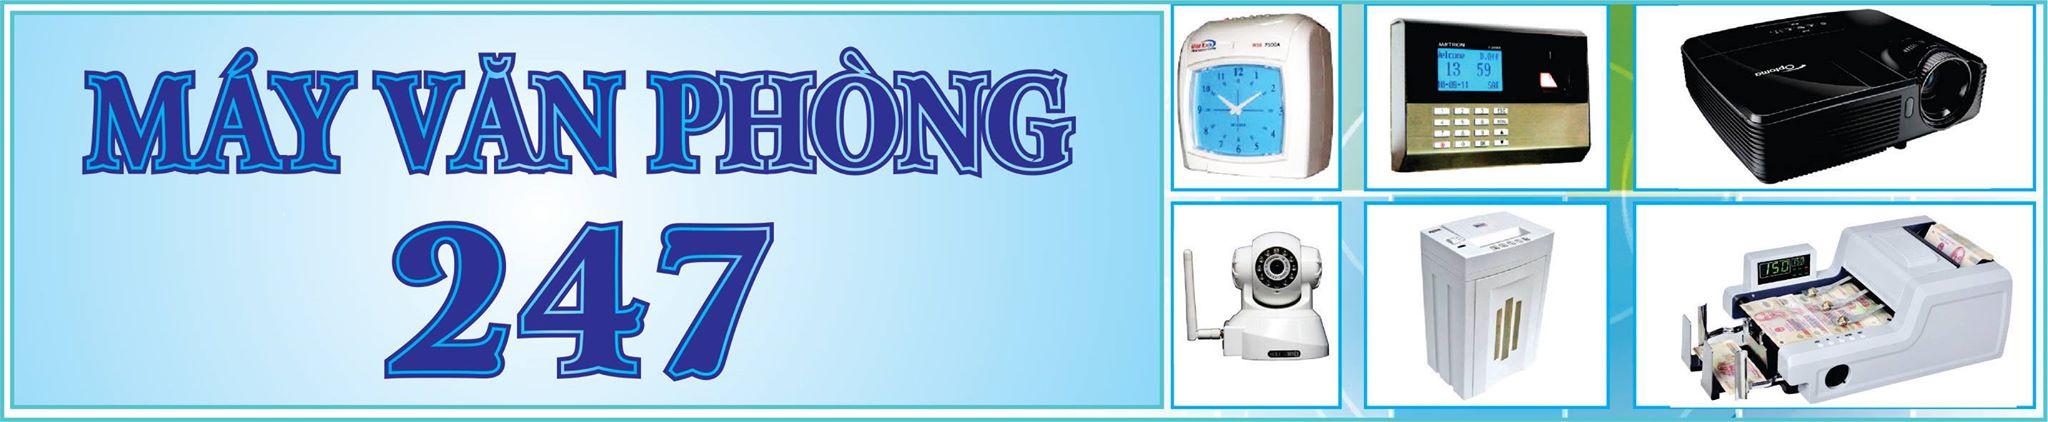 mayvanphong247